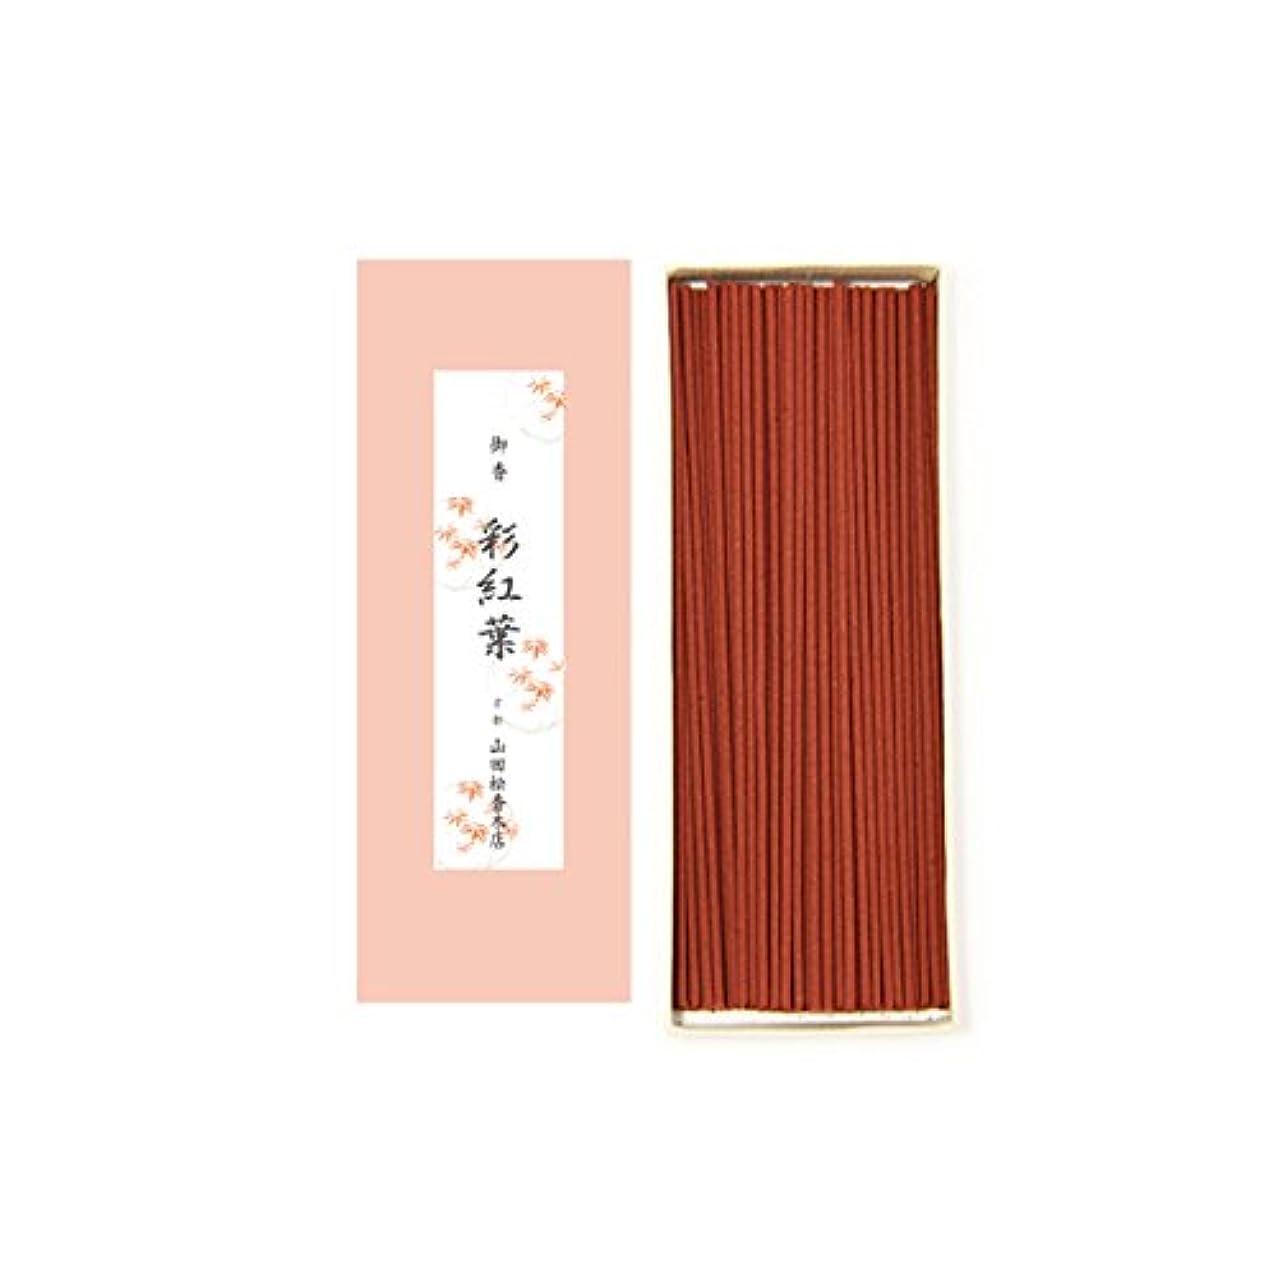 アーカイブルーキー統治可能線香 彩紅葉 5寸 紙箱入